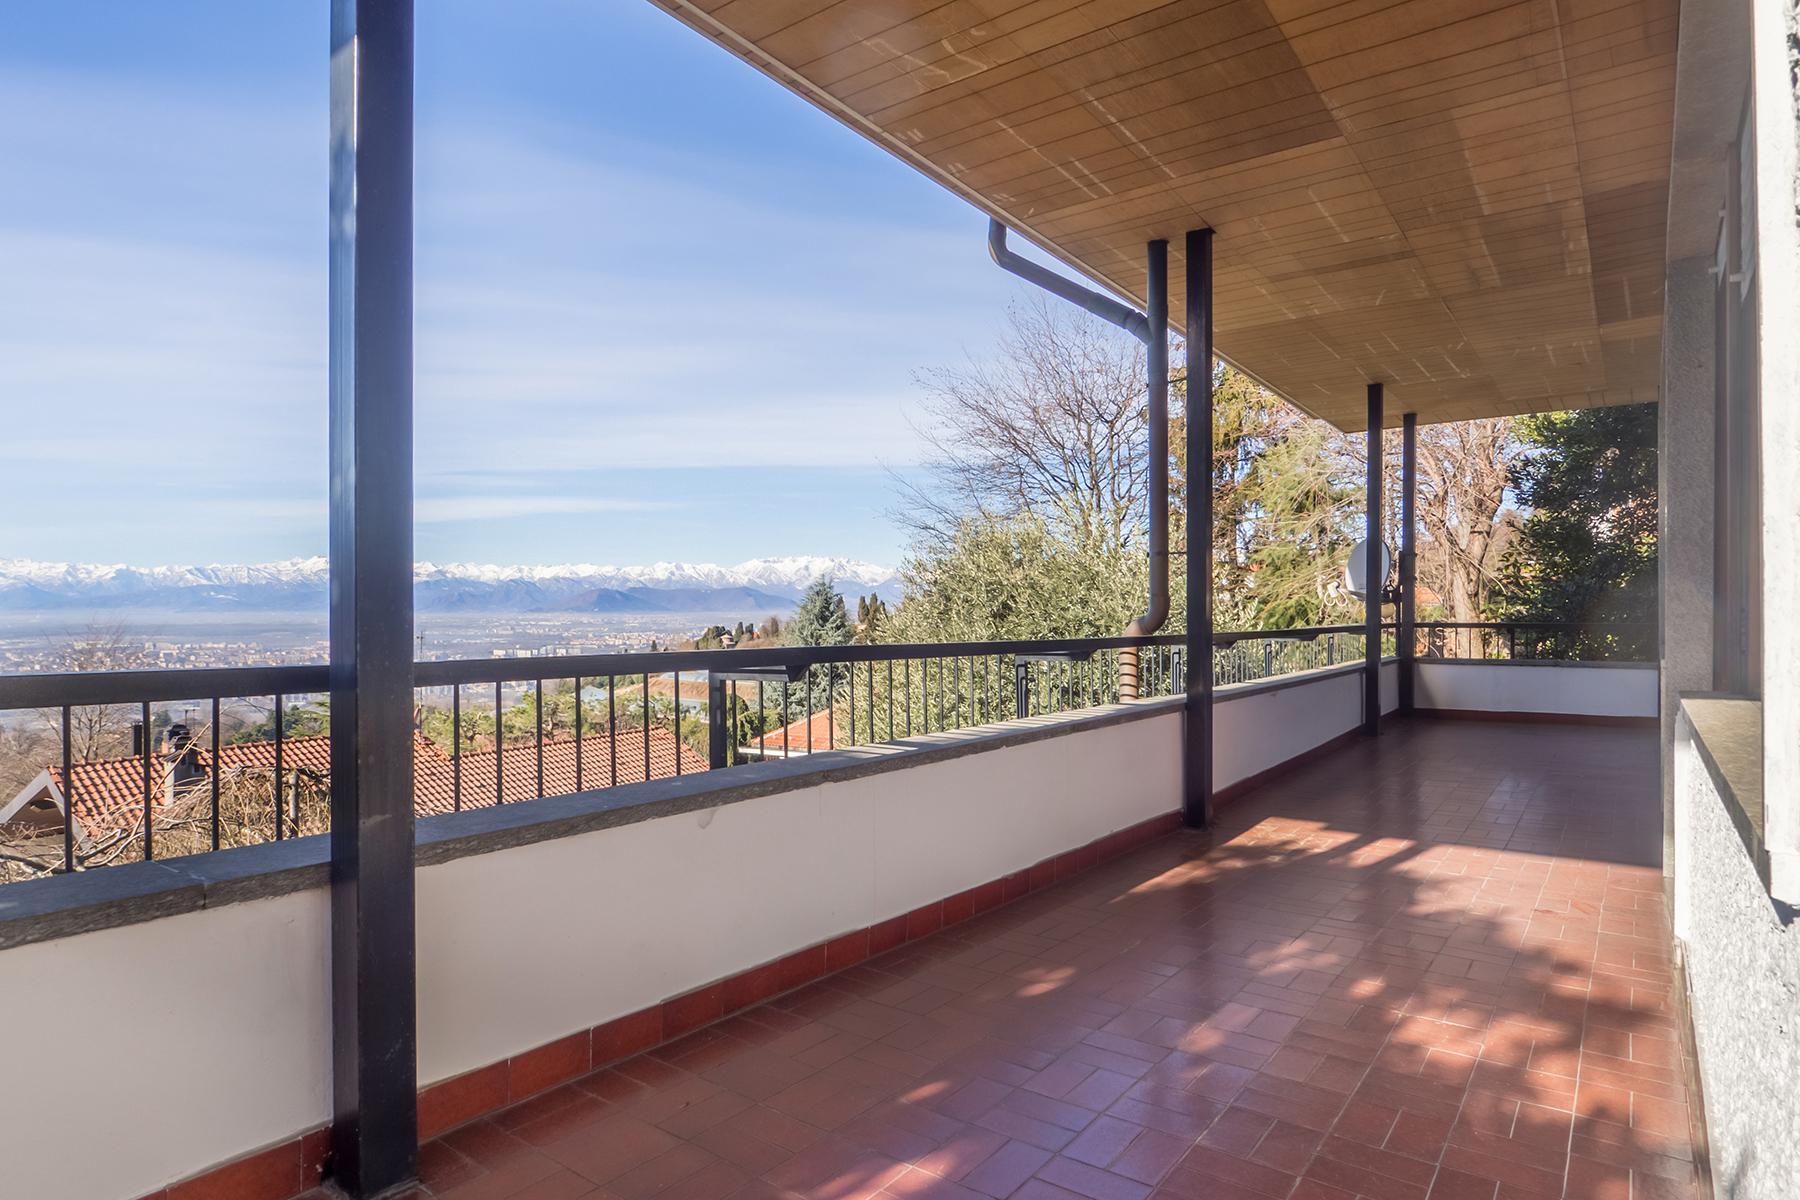 Casa indipendente in Vendita a Moncalieri: 5 locali, 310 mq - Foto 3